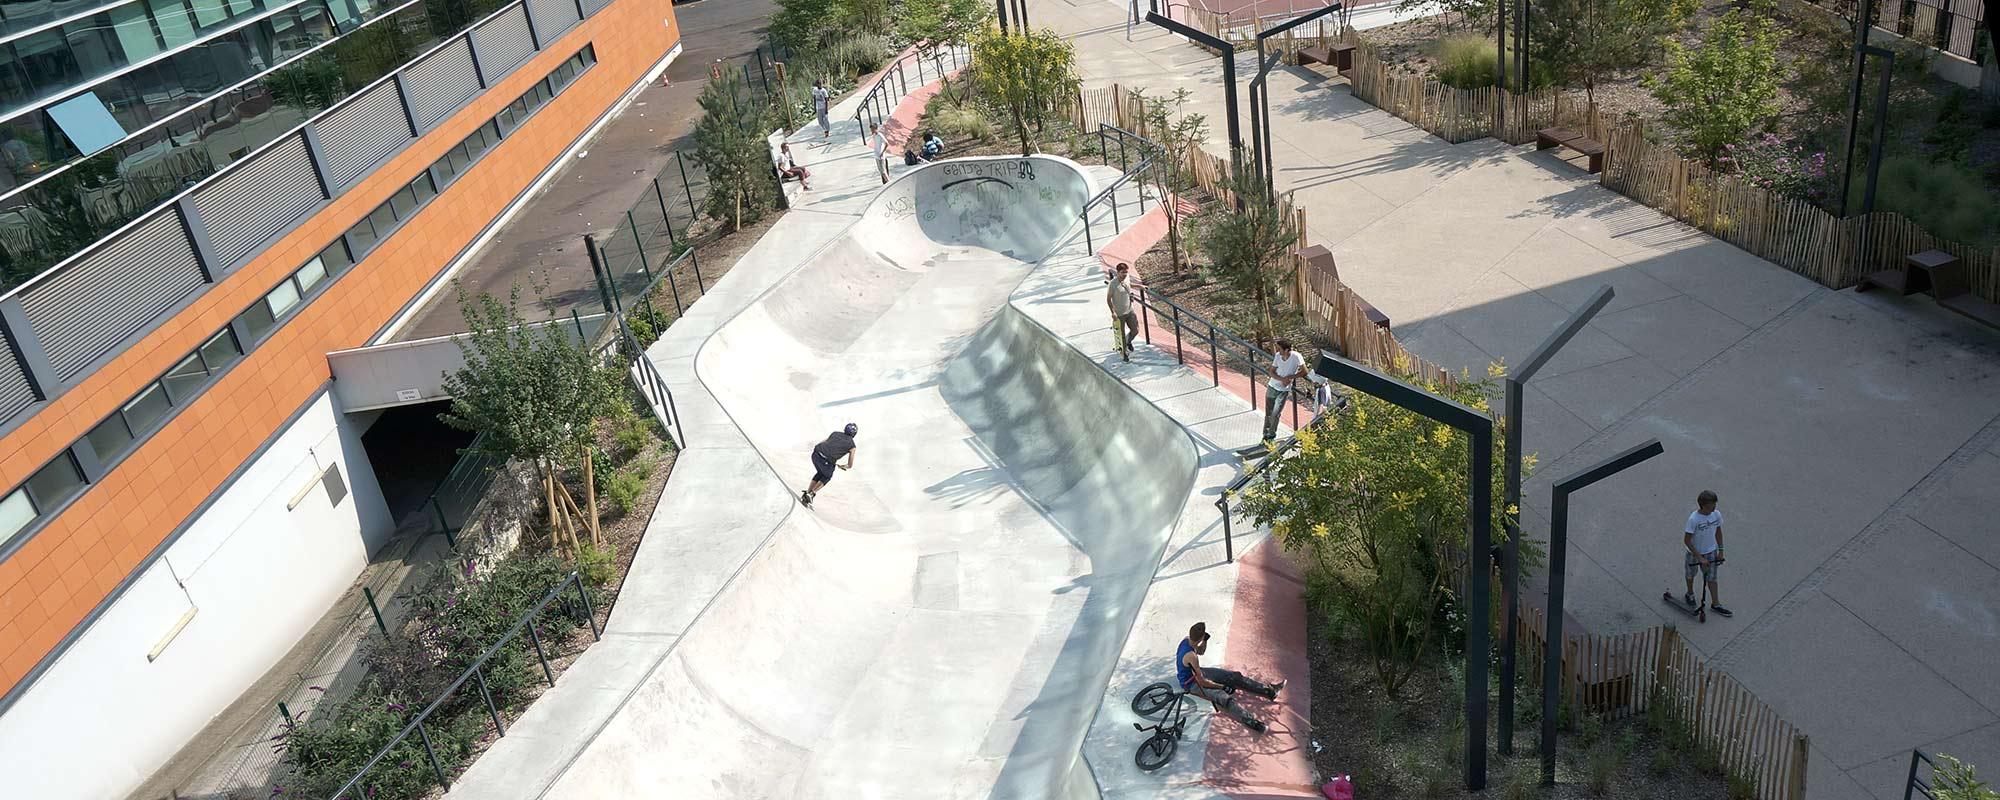 D_Courbevoie_Skatepark_2